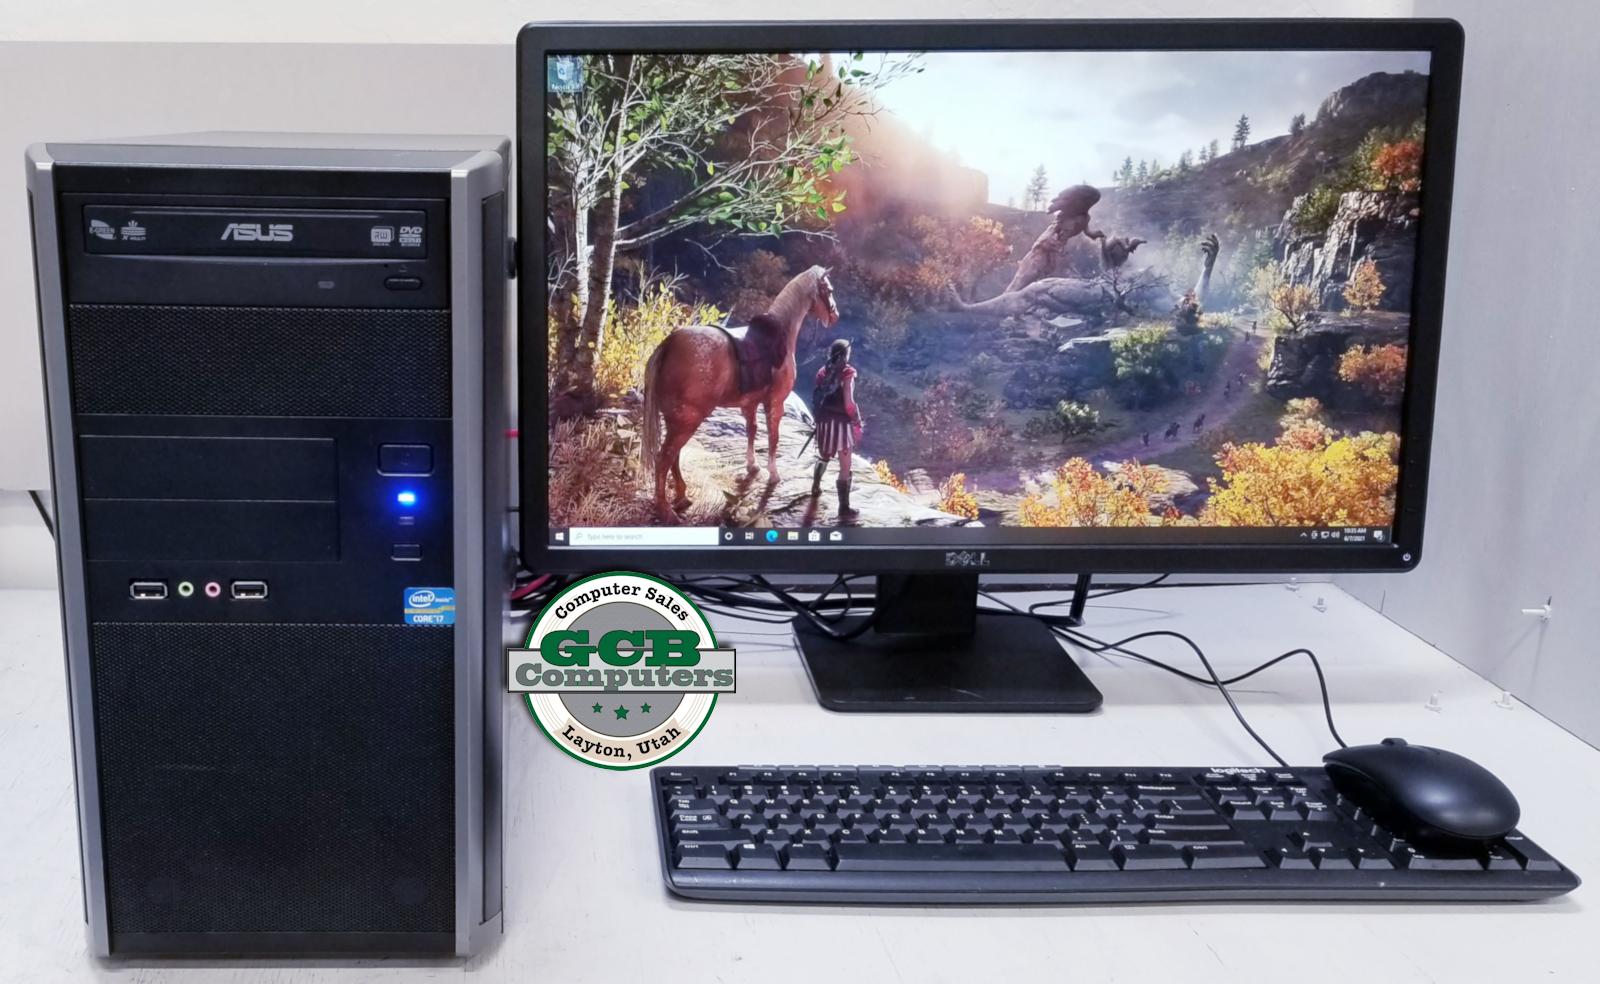 $360 Custom Gamer i7-3770 GTX 670 256GB SSD 2TB HDD 16GB RAM